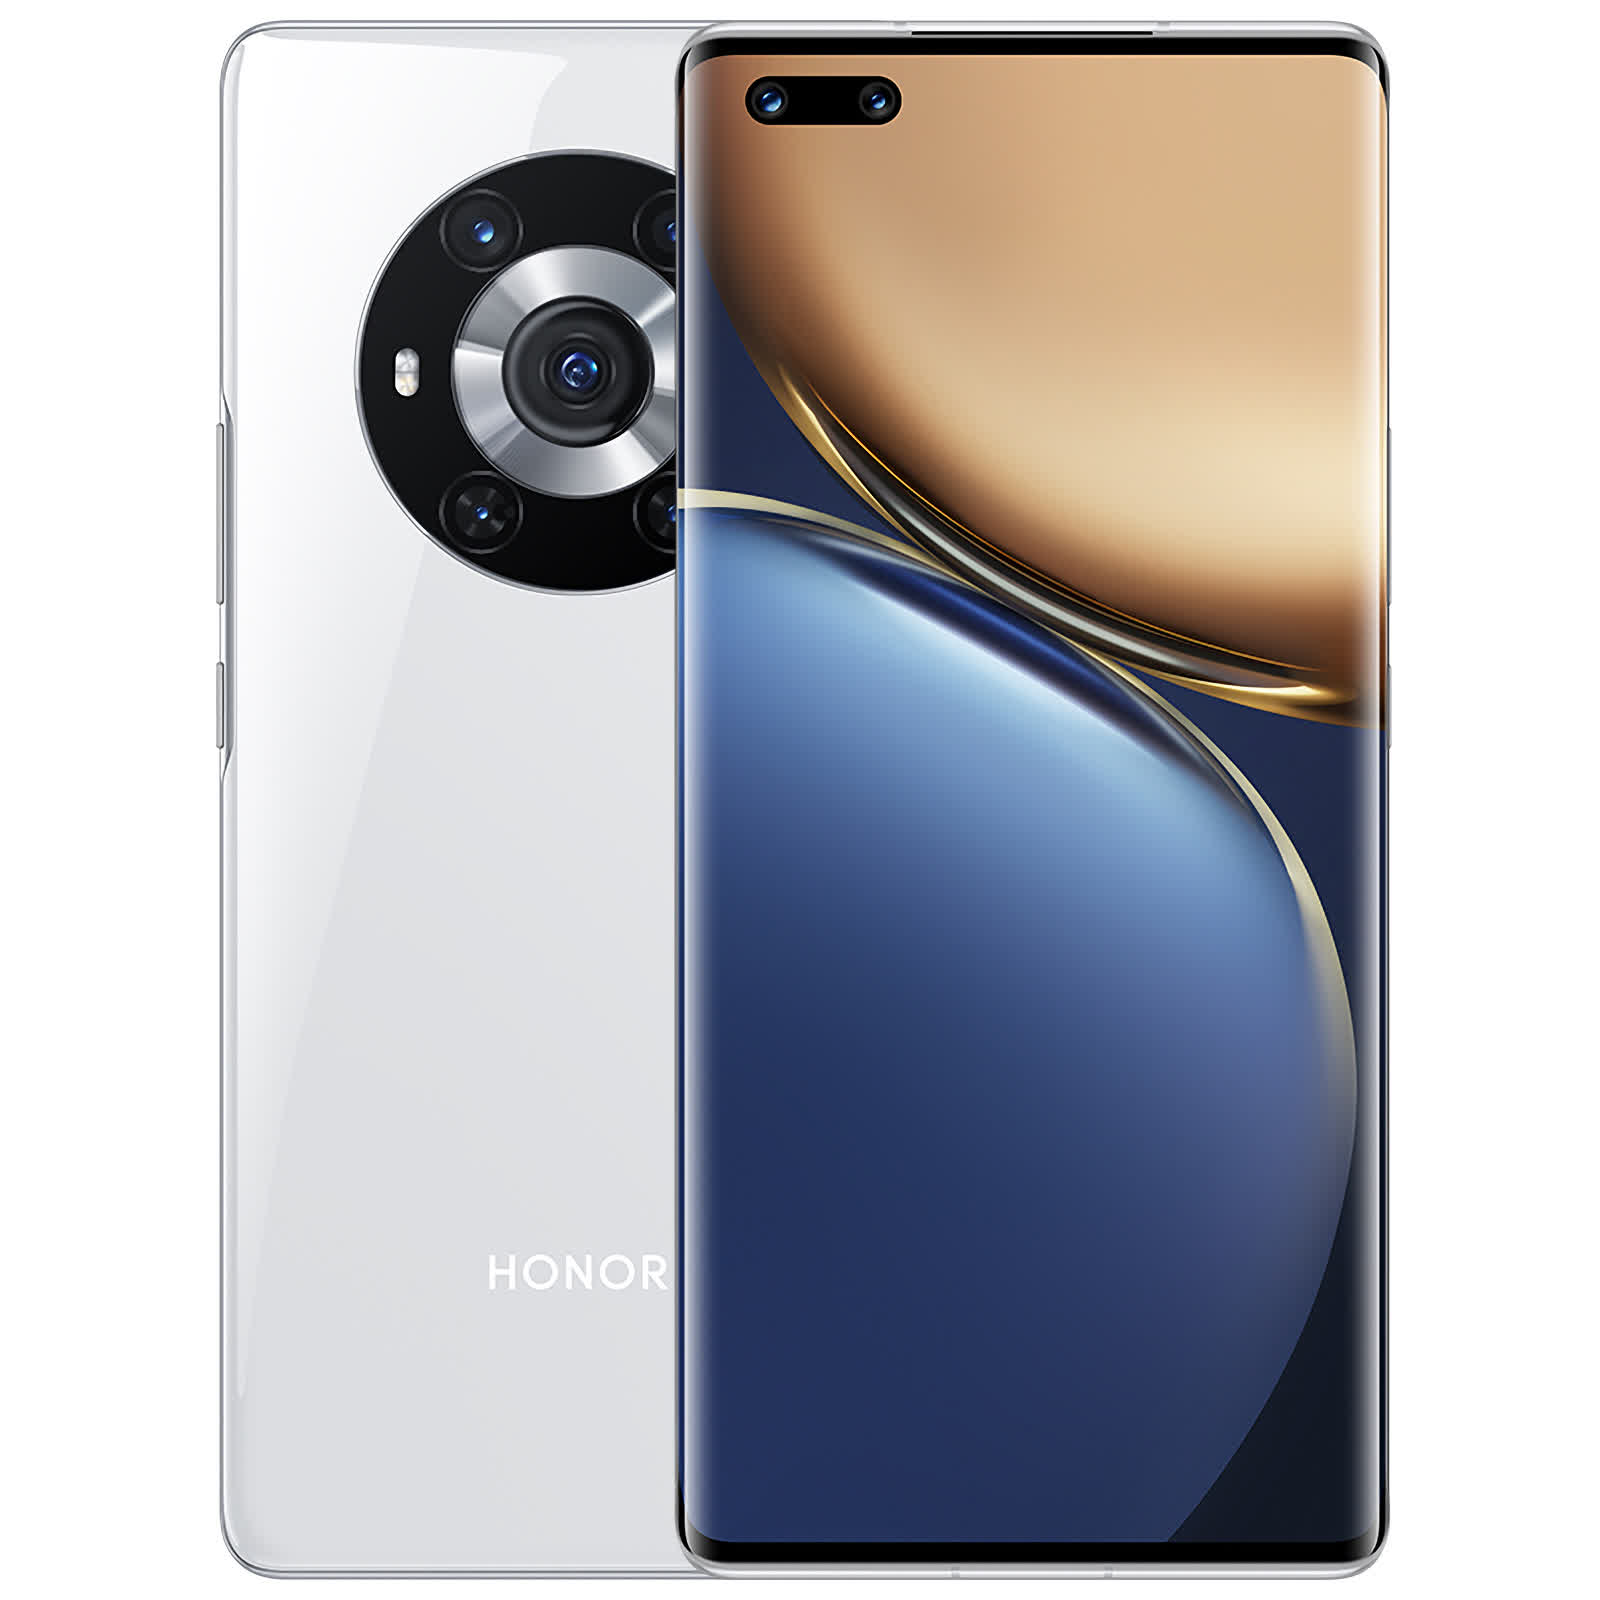 1628792826 917 Materiel Huawei avec services Google le produit phare Honor